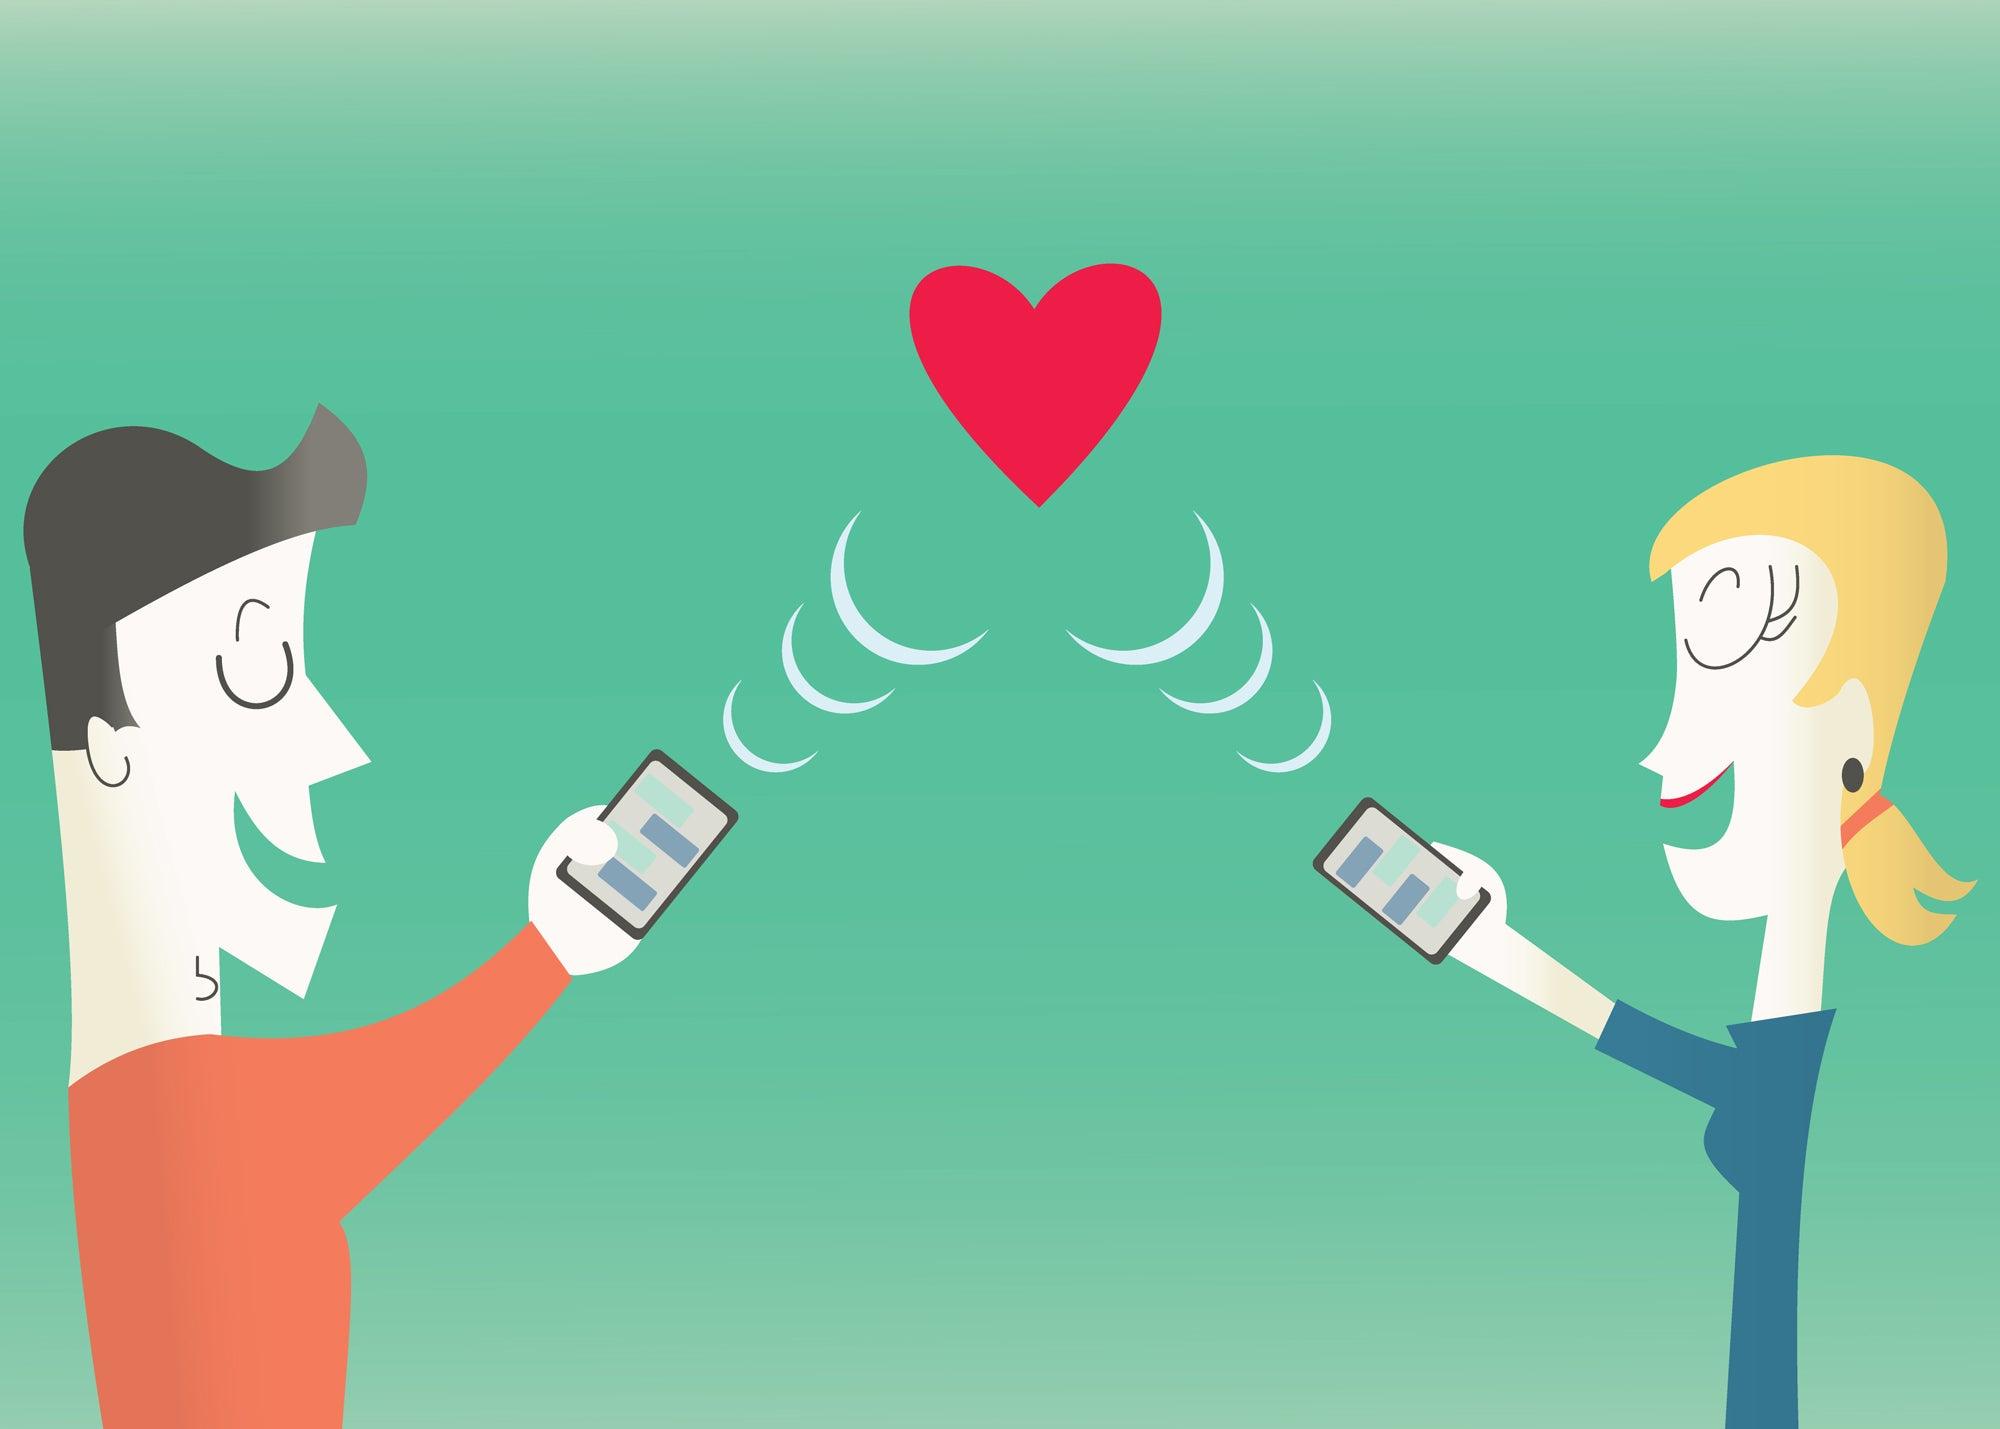 rento kytkennät apps iPhone